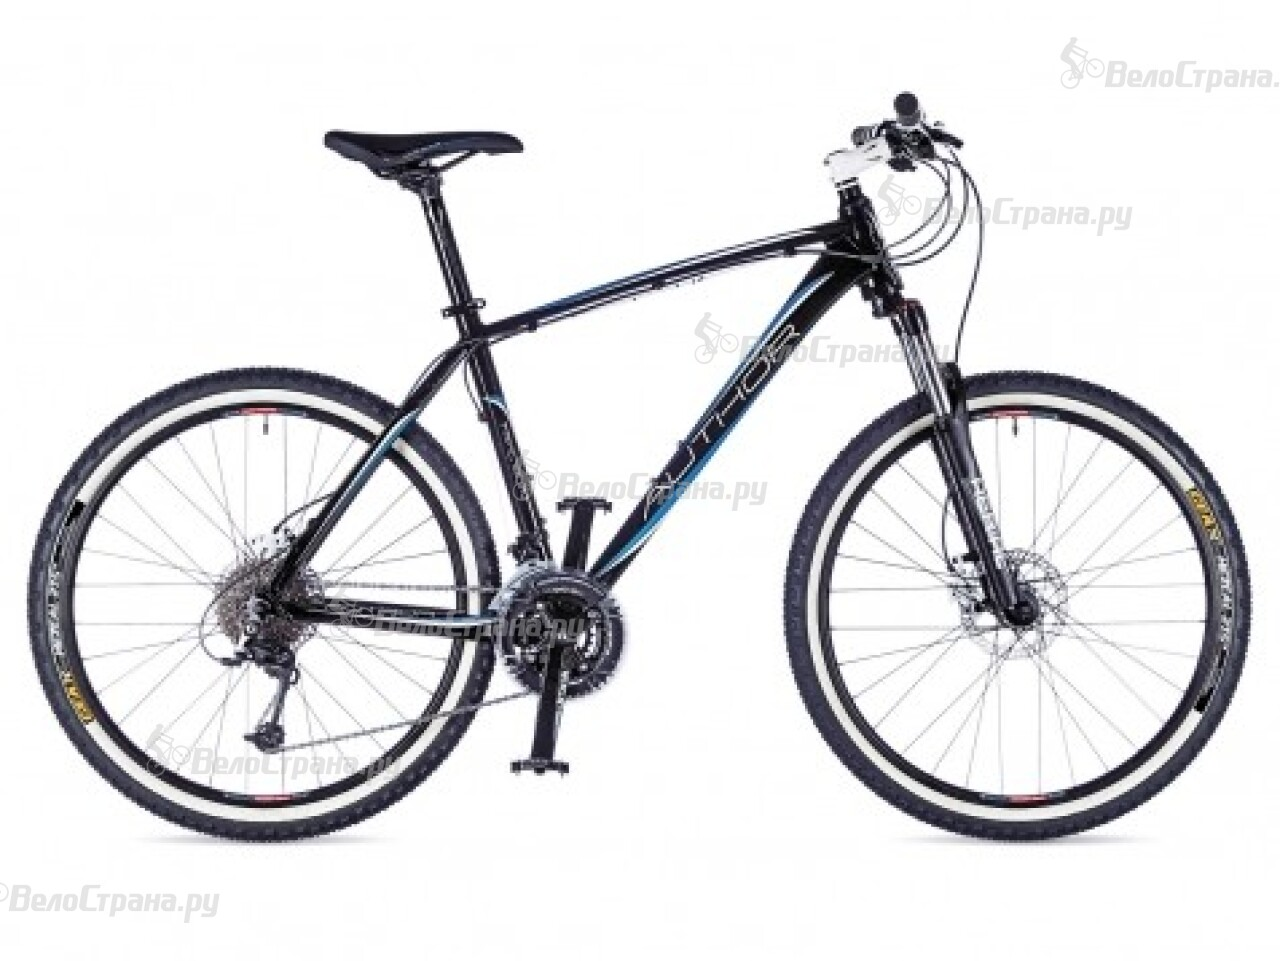 Велосипед Author Traction 27 (2014)